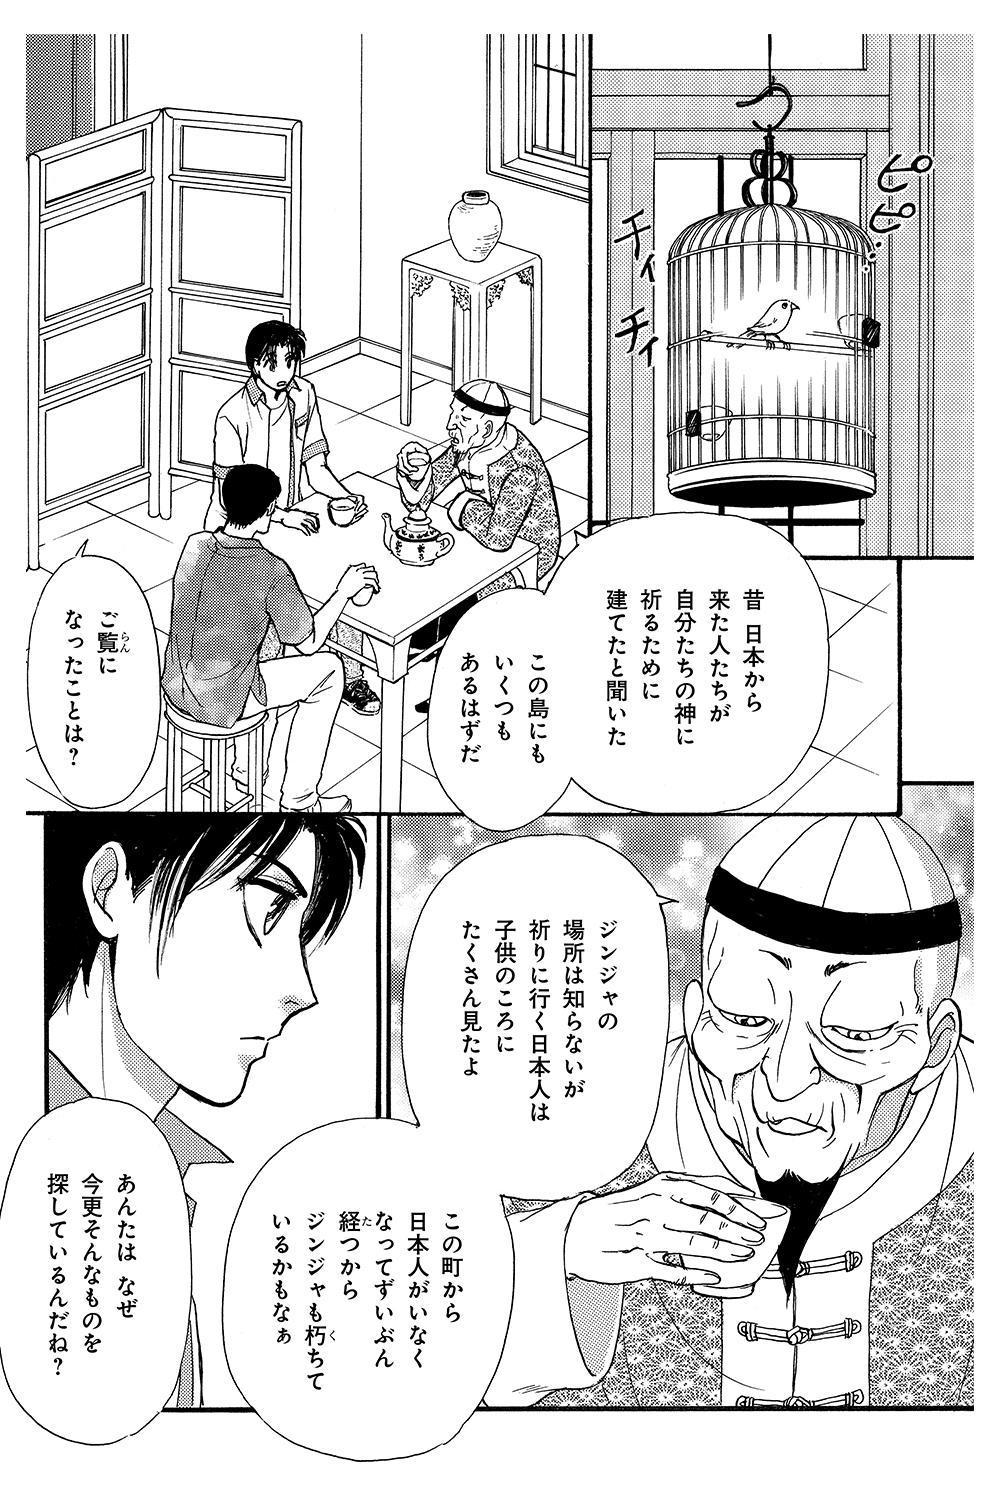 くにのまほろば 第1話 ①kunimaho01-11.jpg